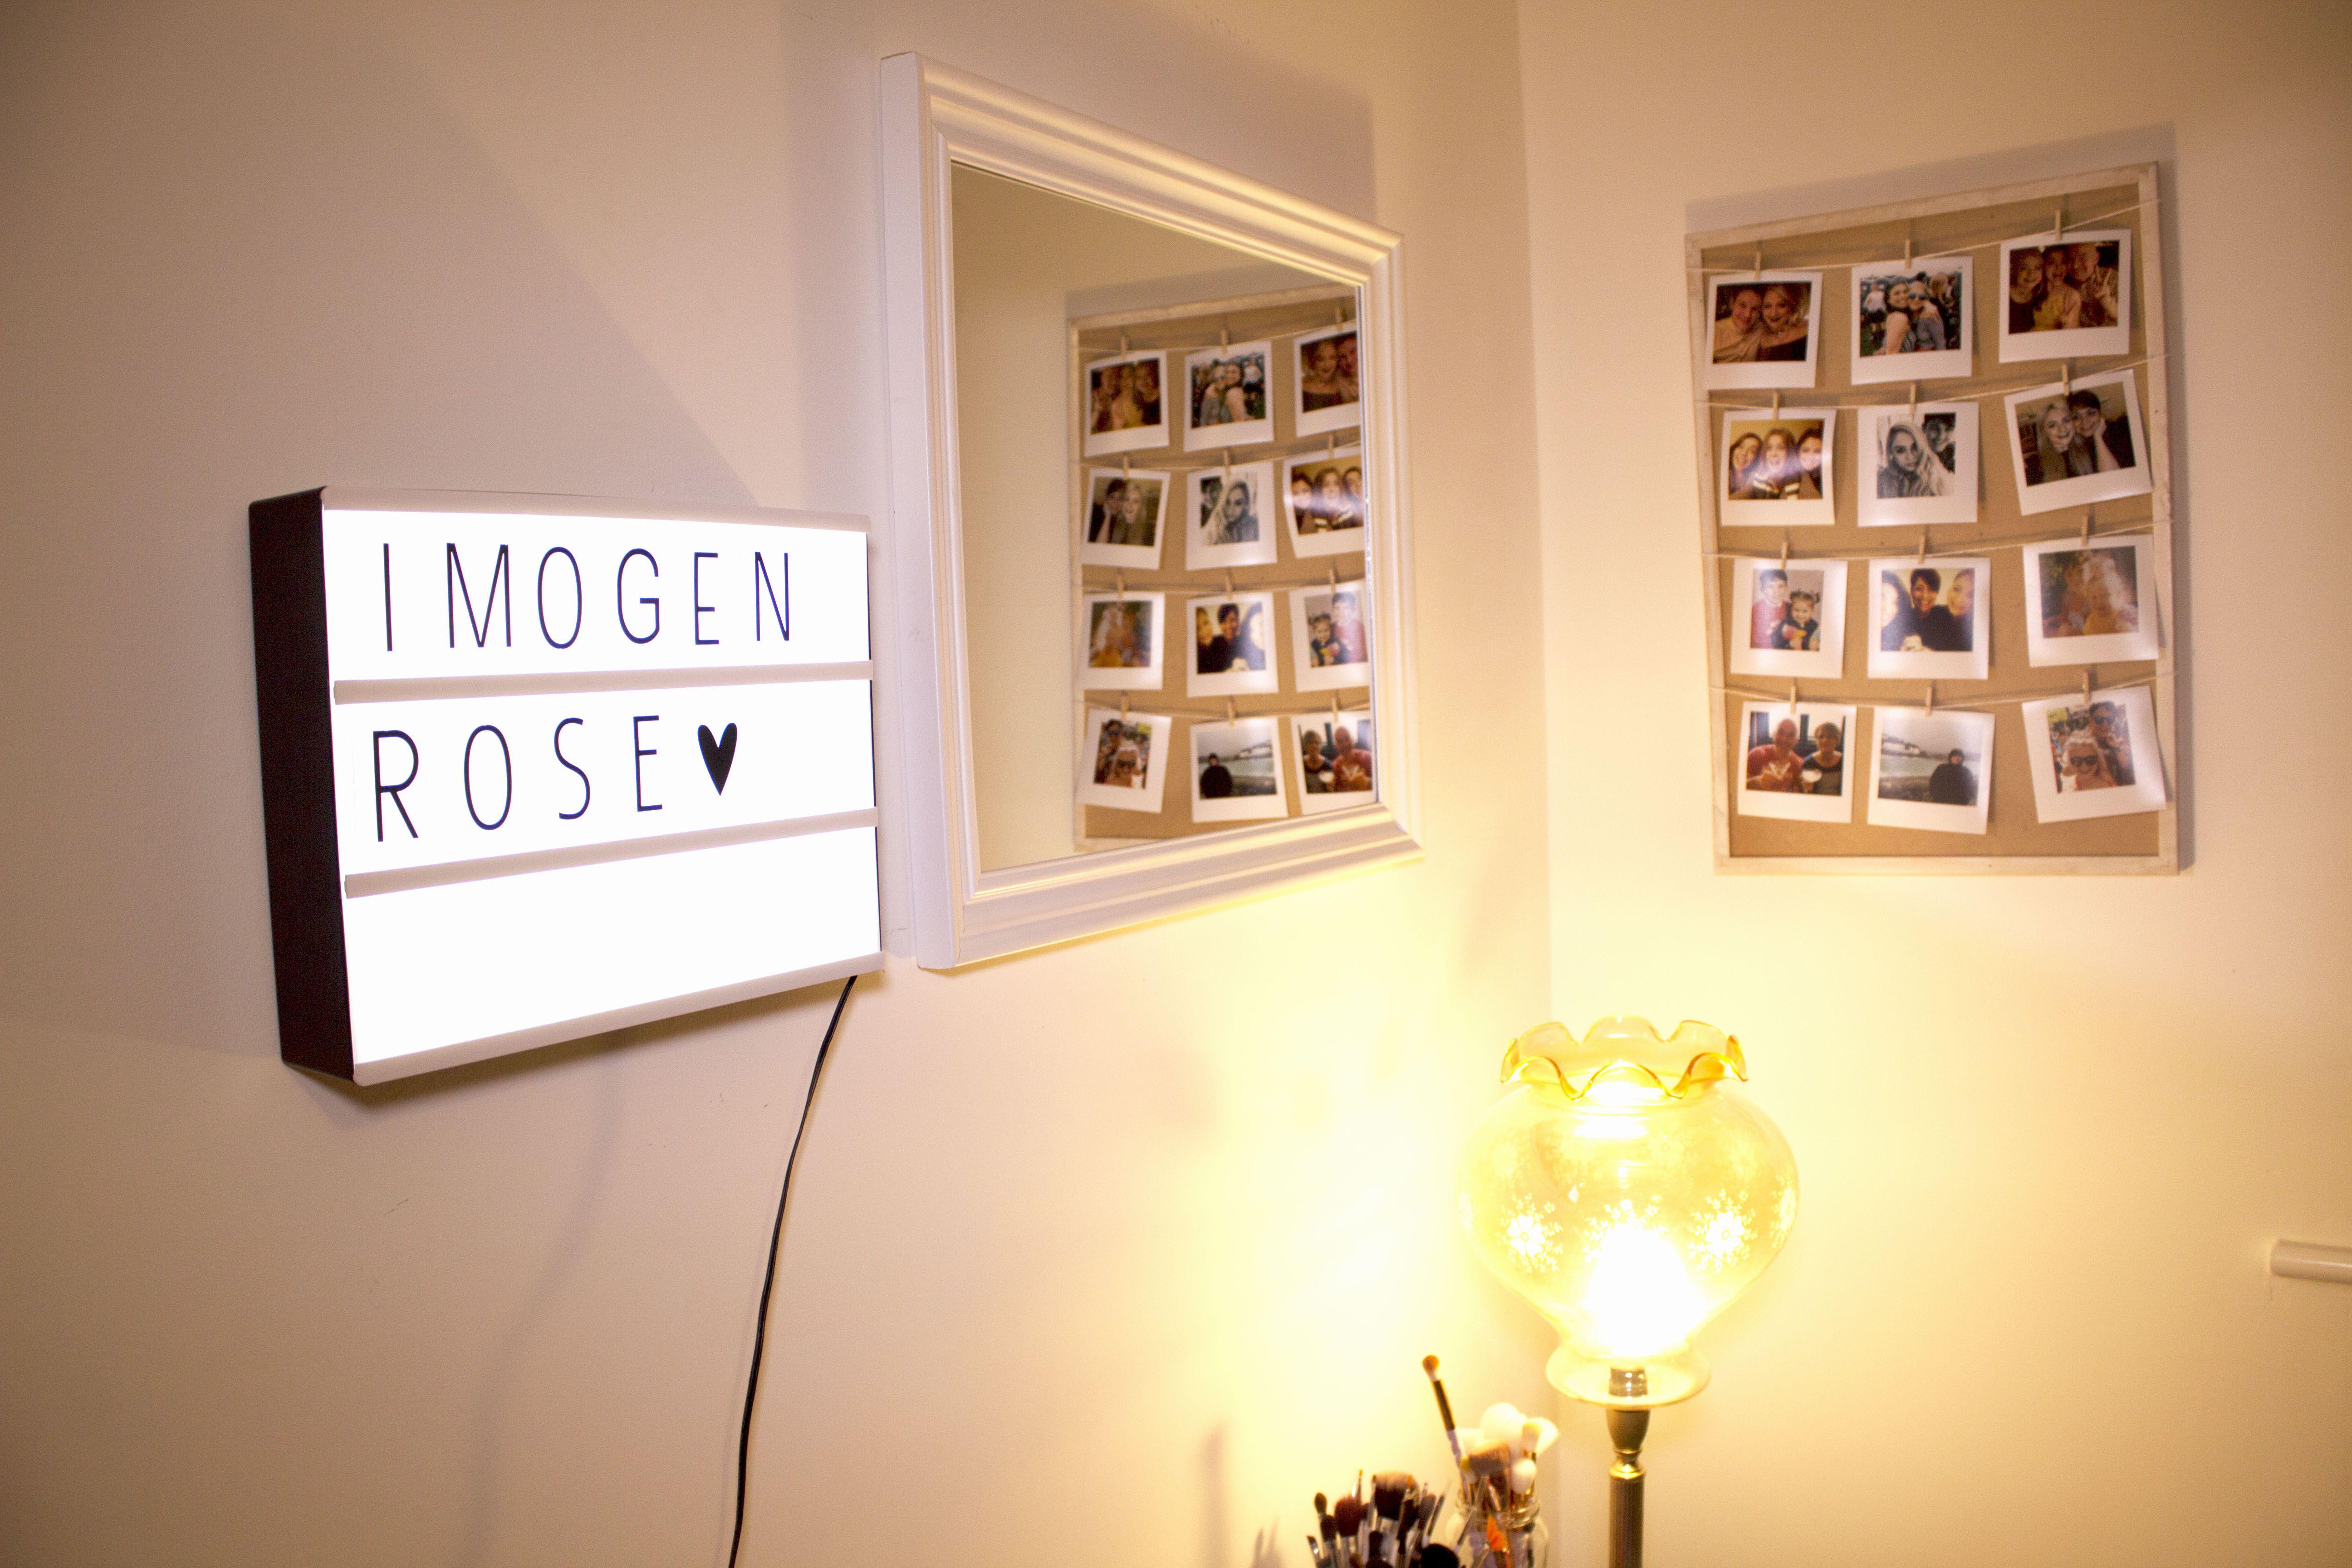 DIY PINTEREST PHOTO BOARD #diy #walldecor #roomdecor #homedecor ...